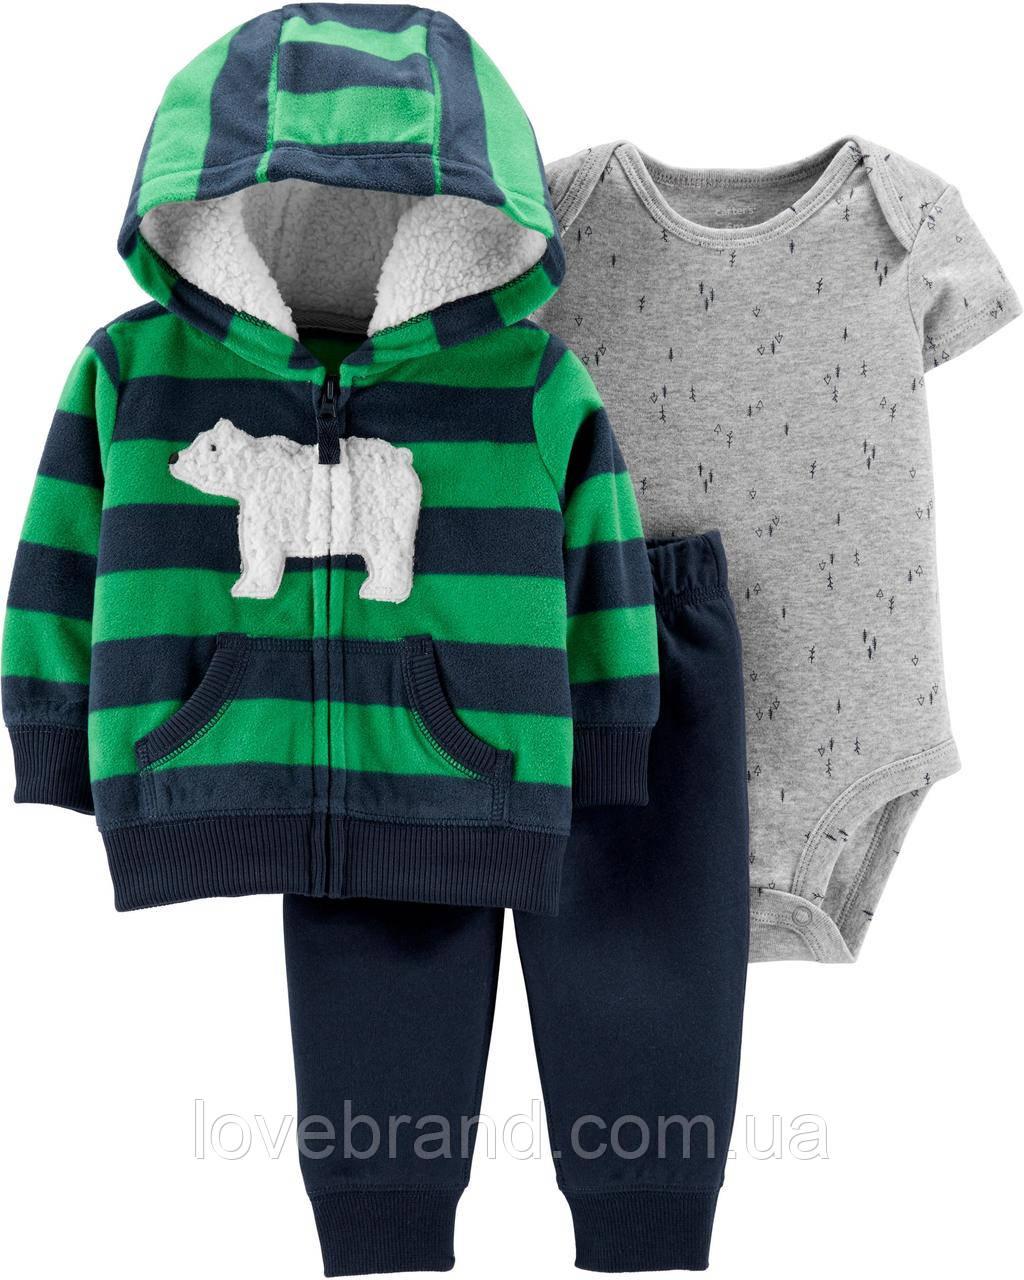 Флисовый костюм carter's для мальчика , Флисовая кофта с капюшоном + штанишки + боди картерс для новорожденных